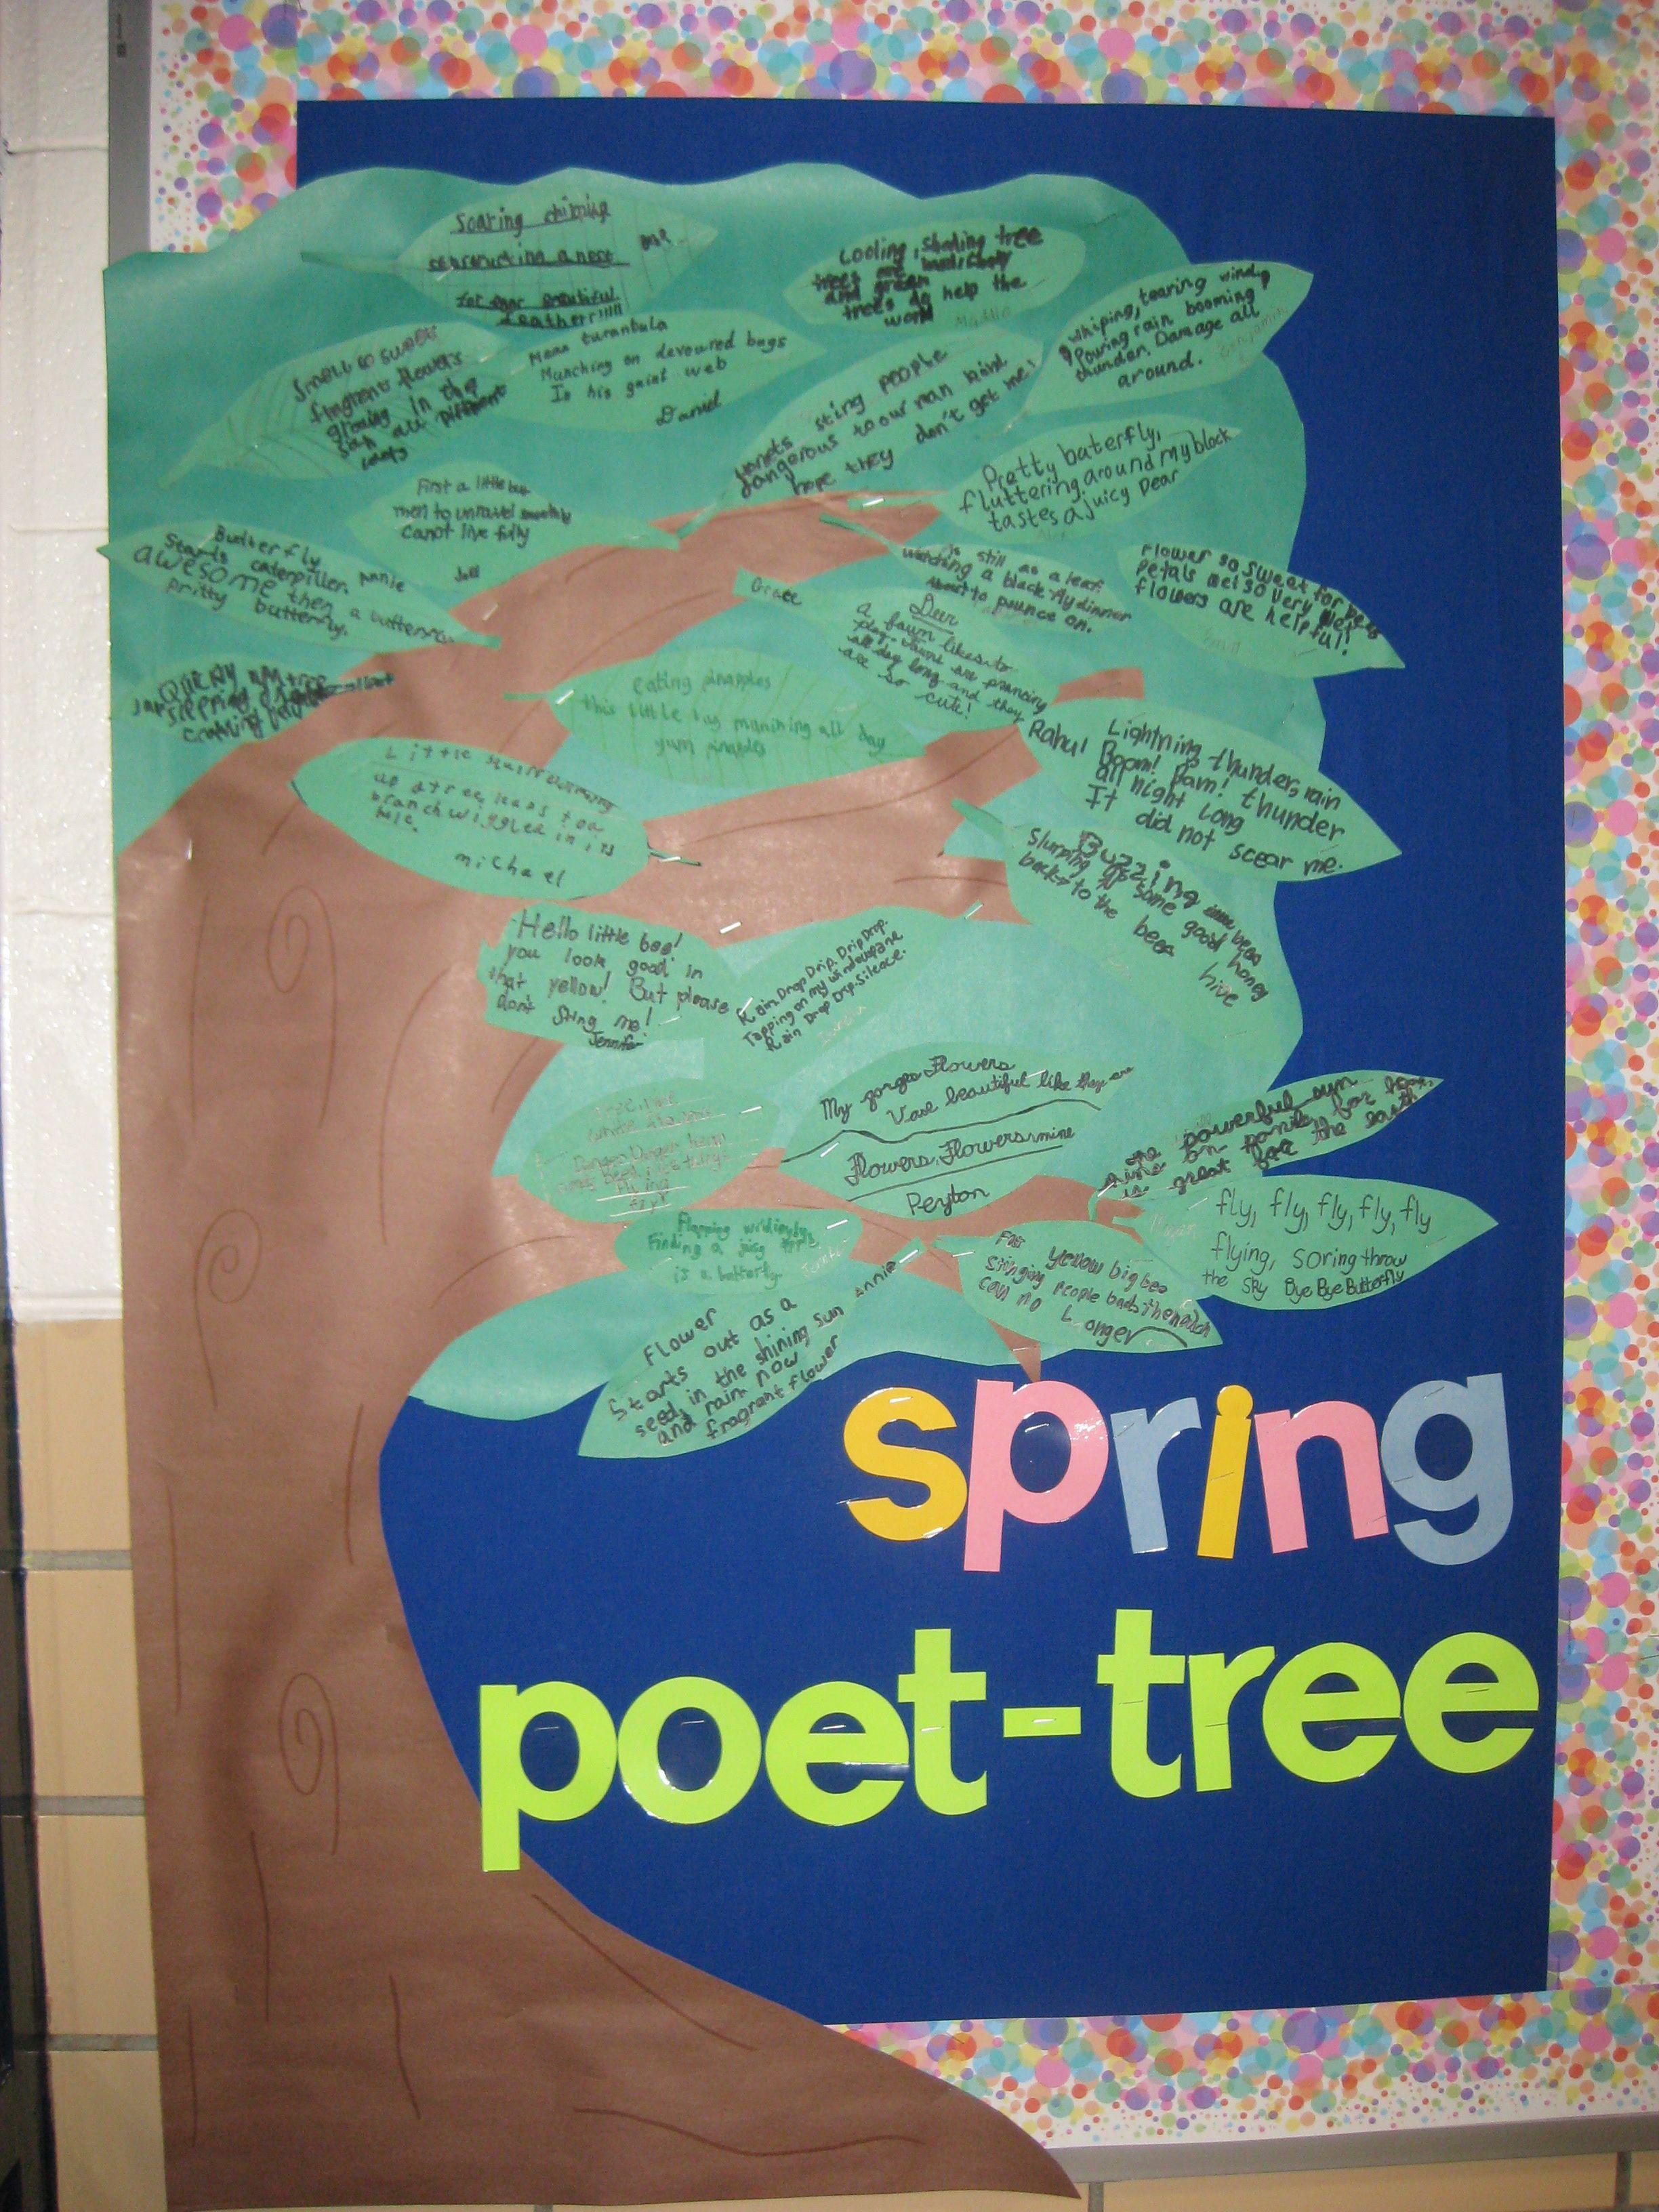 Haikus Written About Spring